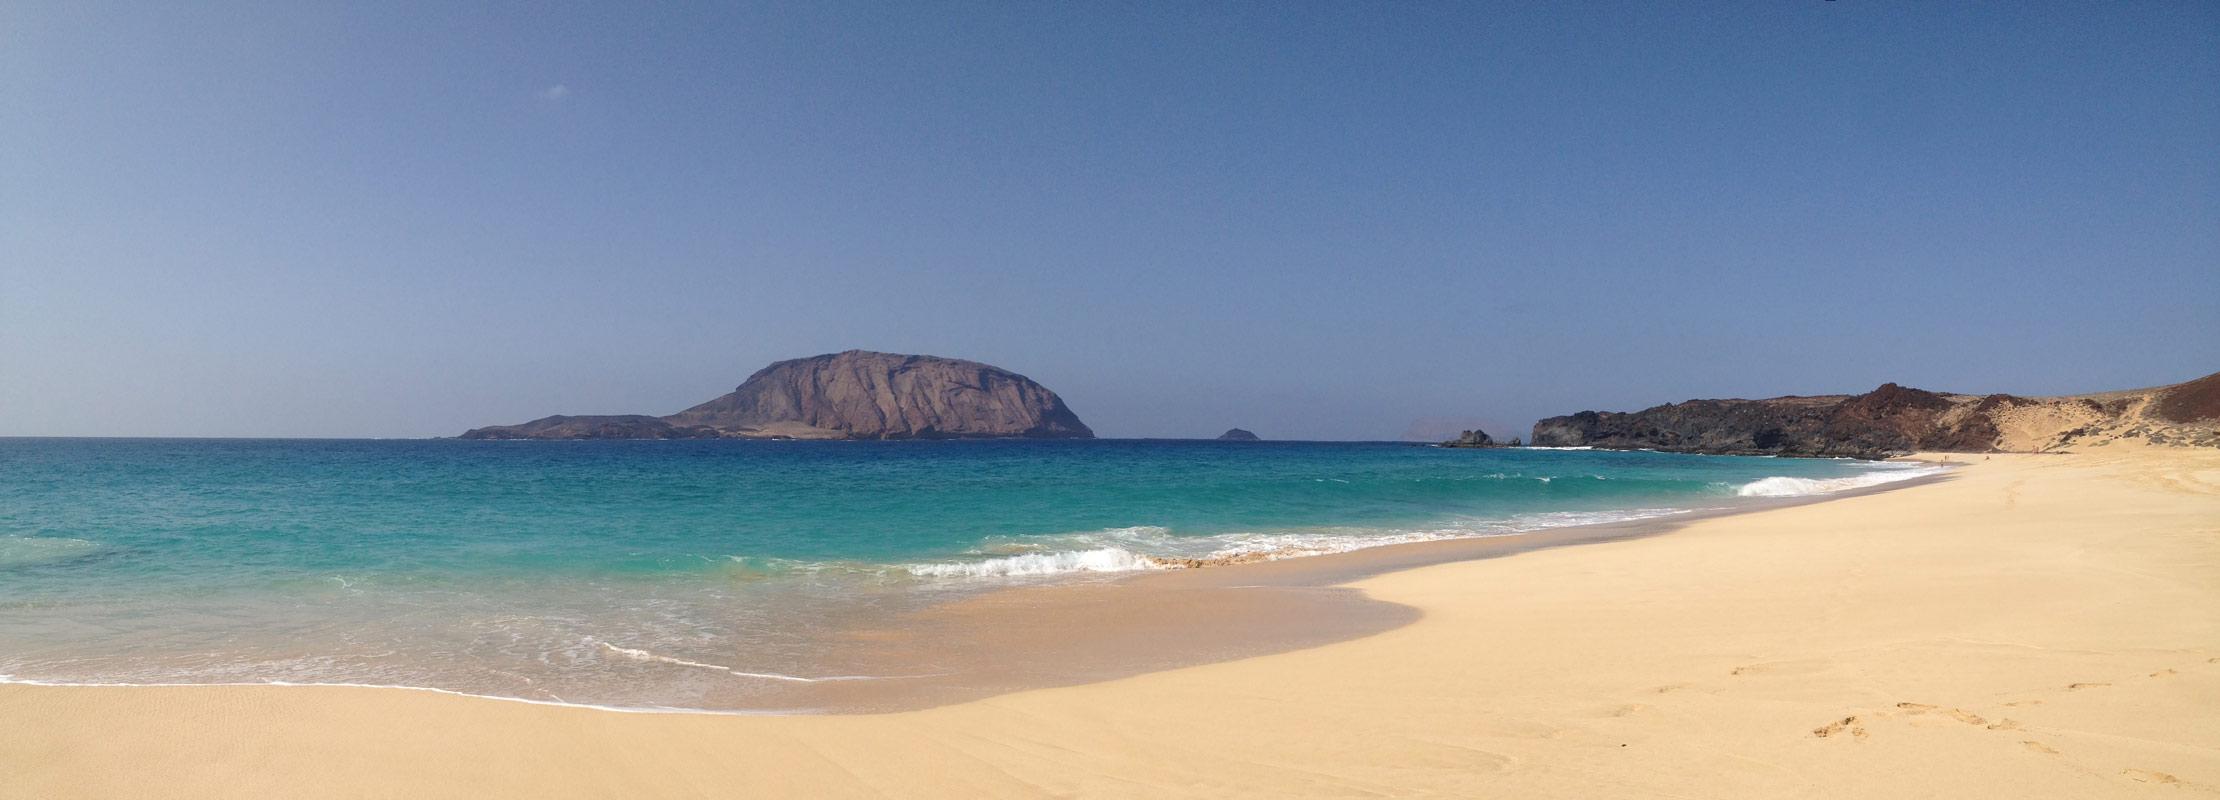 Presupuesto en Lanzarote gastos playa Conchas isla graciosa paraiso lanzarote